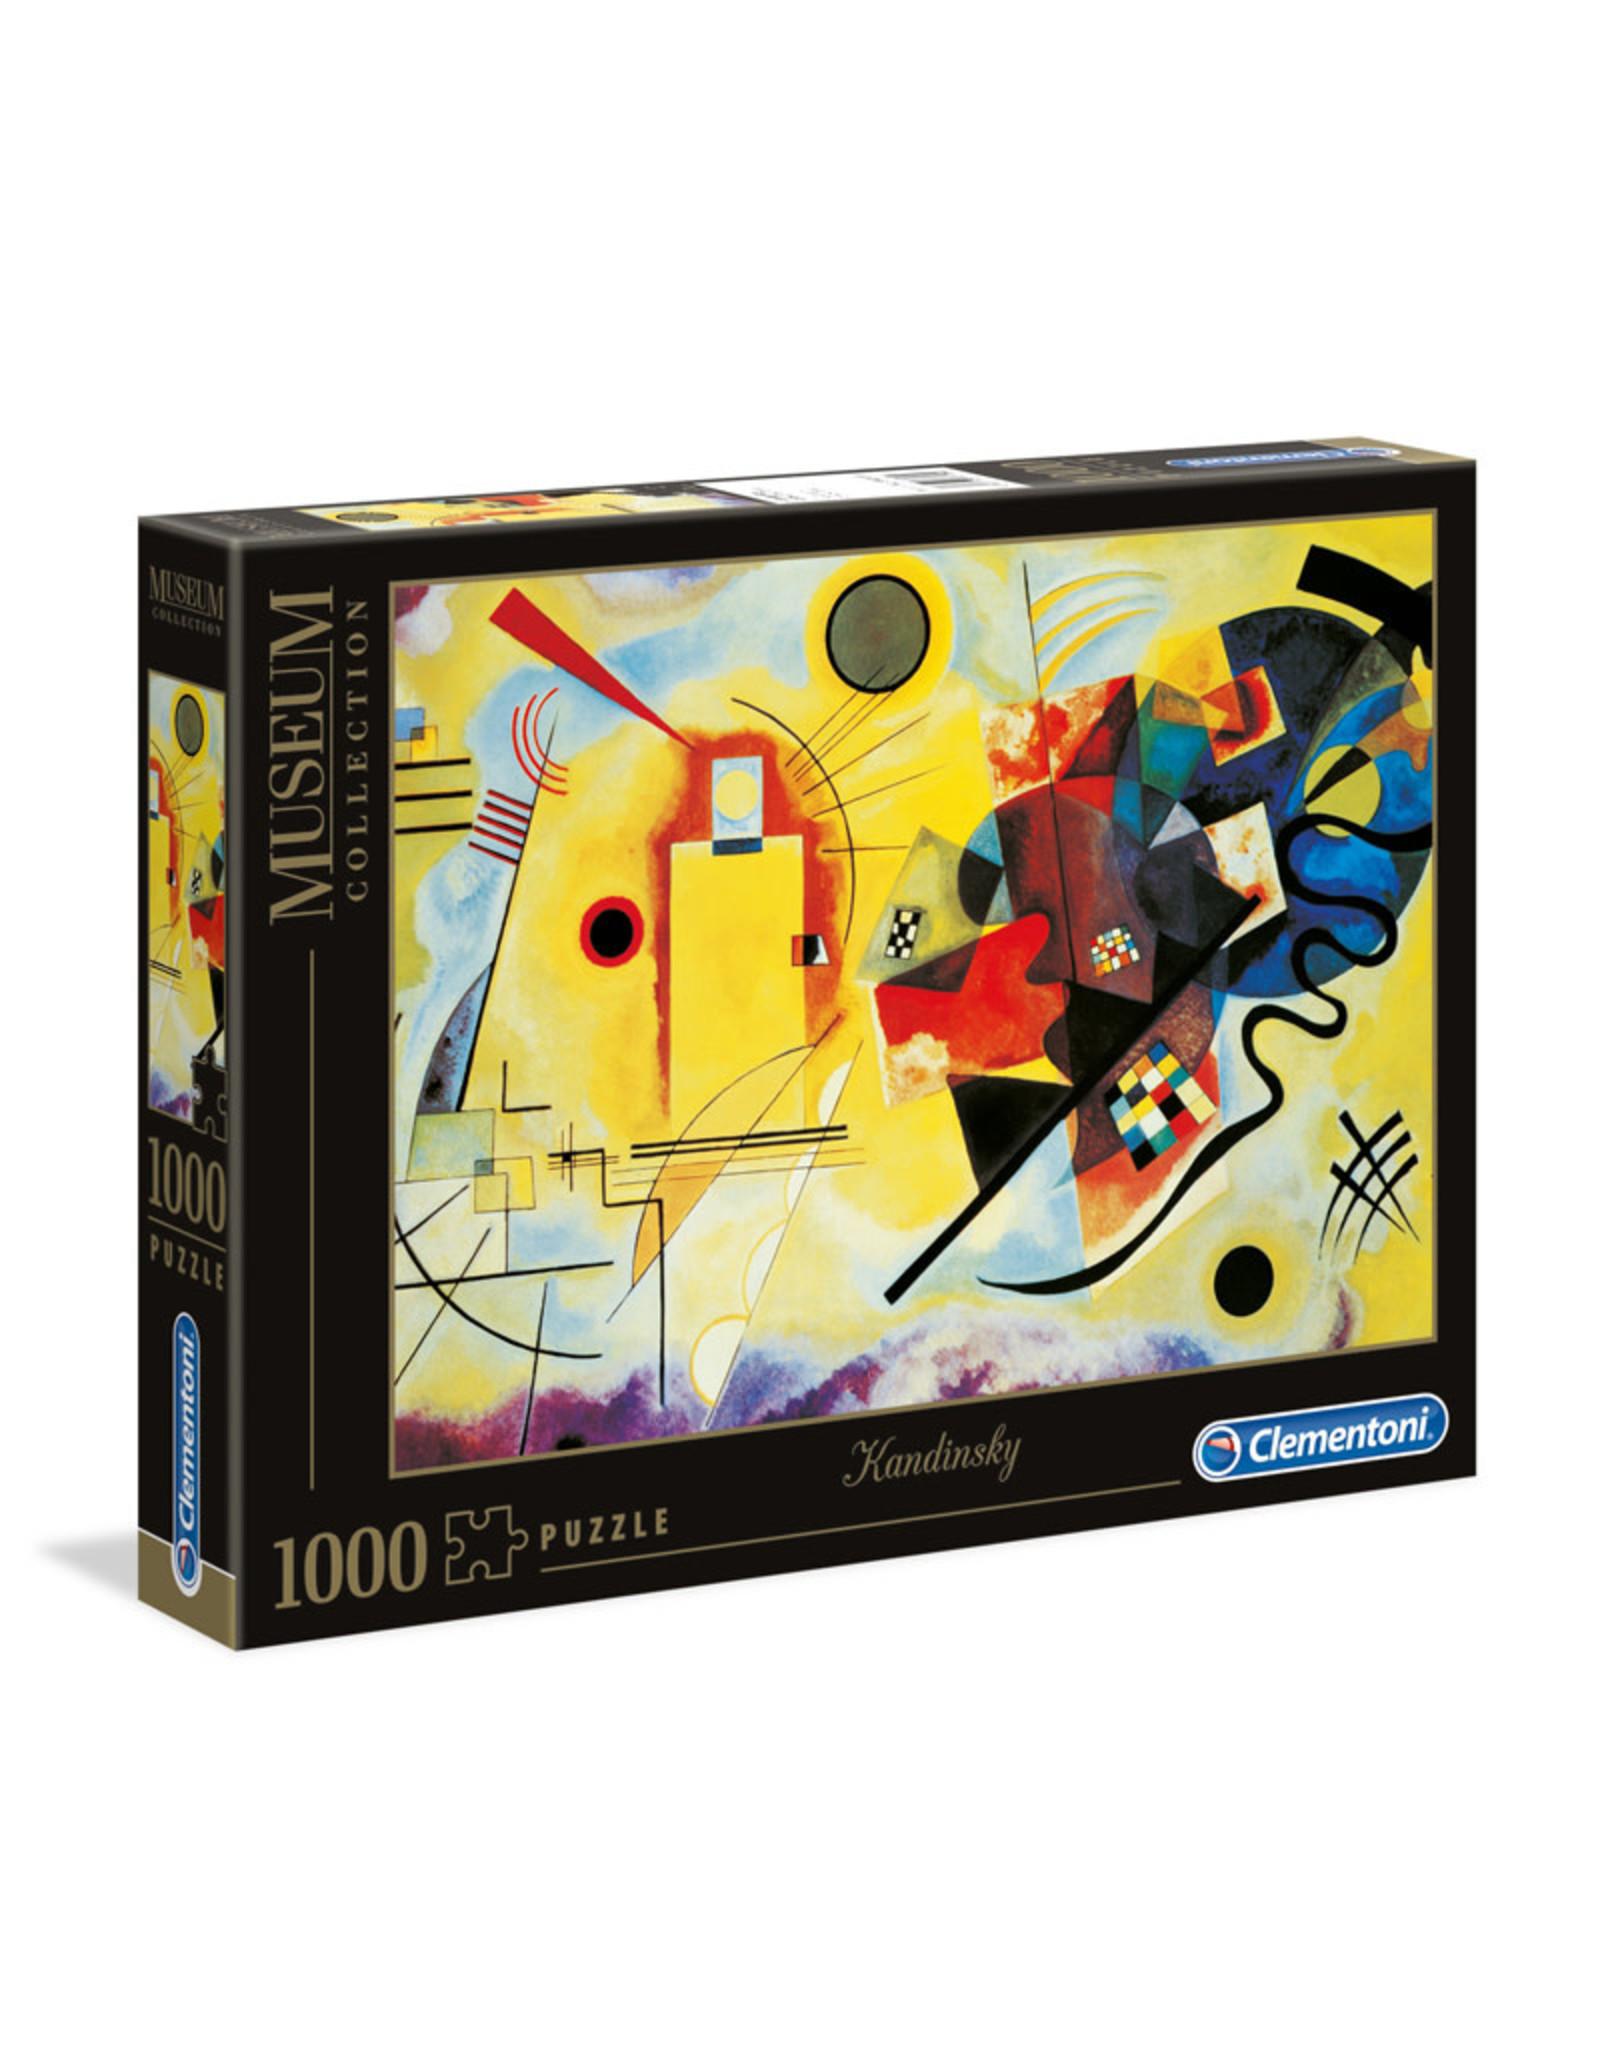 Clementoni Kandinsky Yellow, Red, Blue 1000 PCS